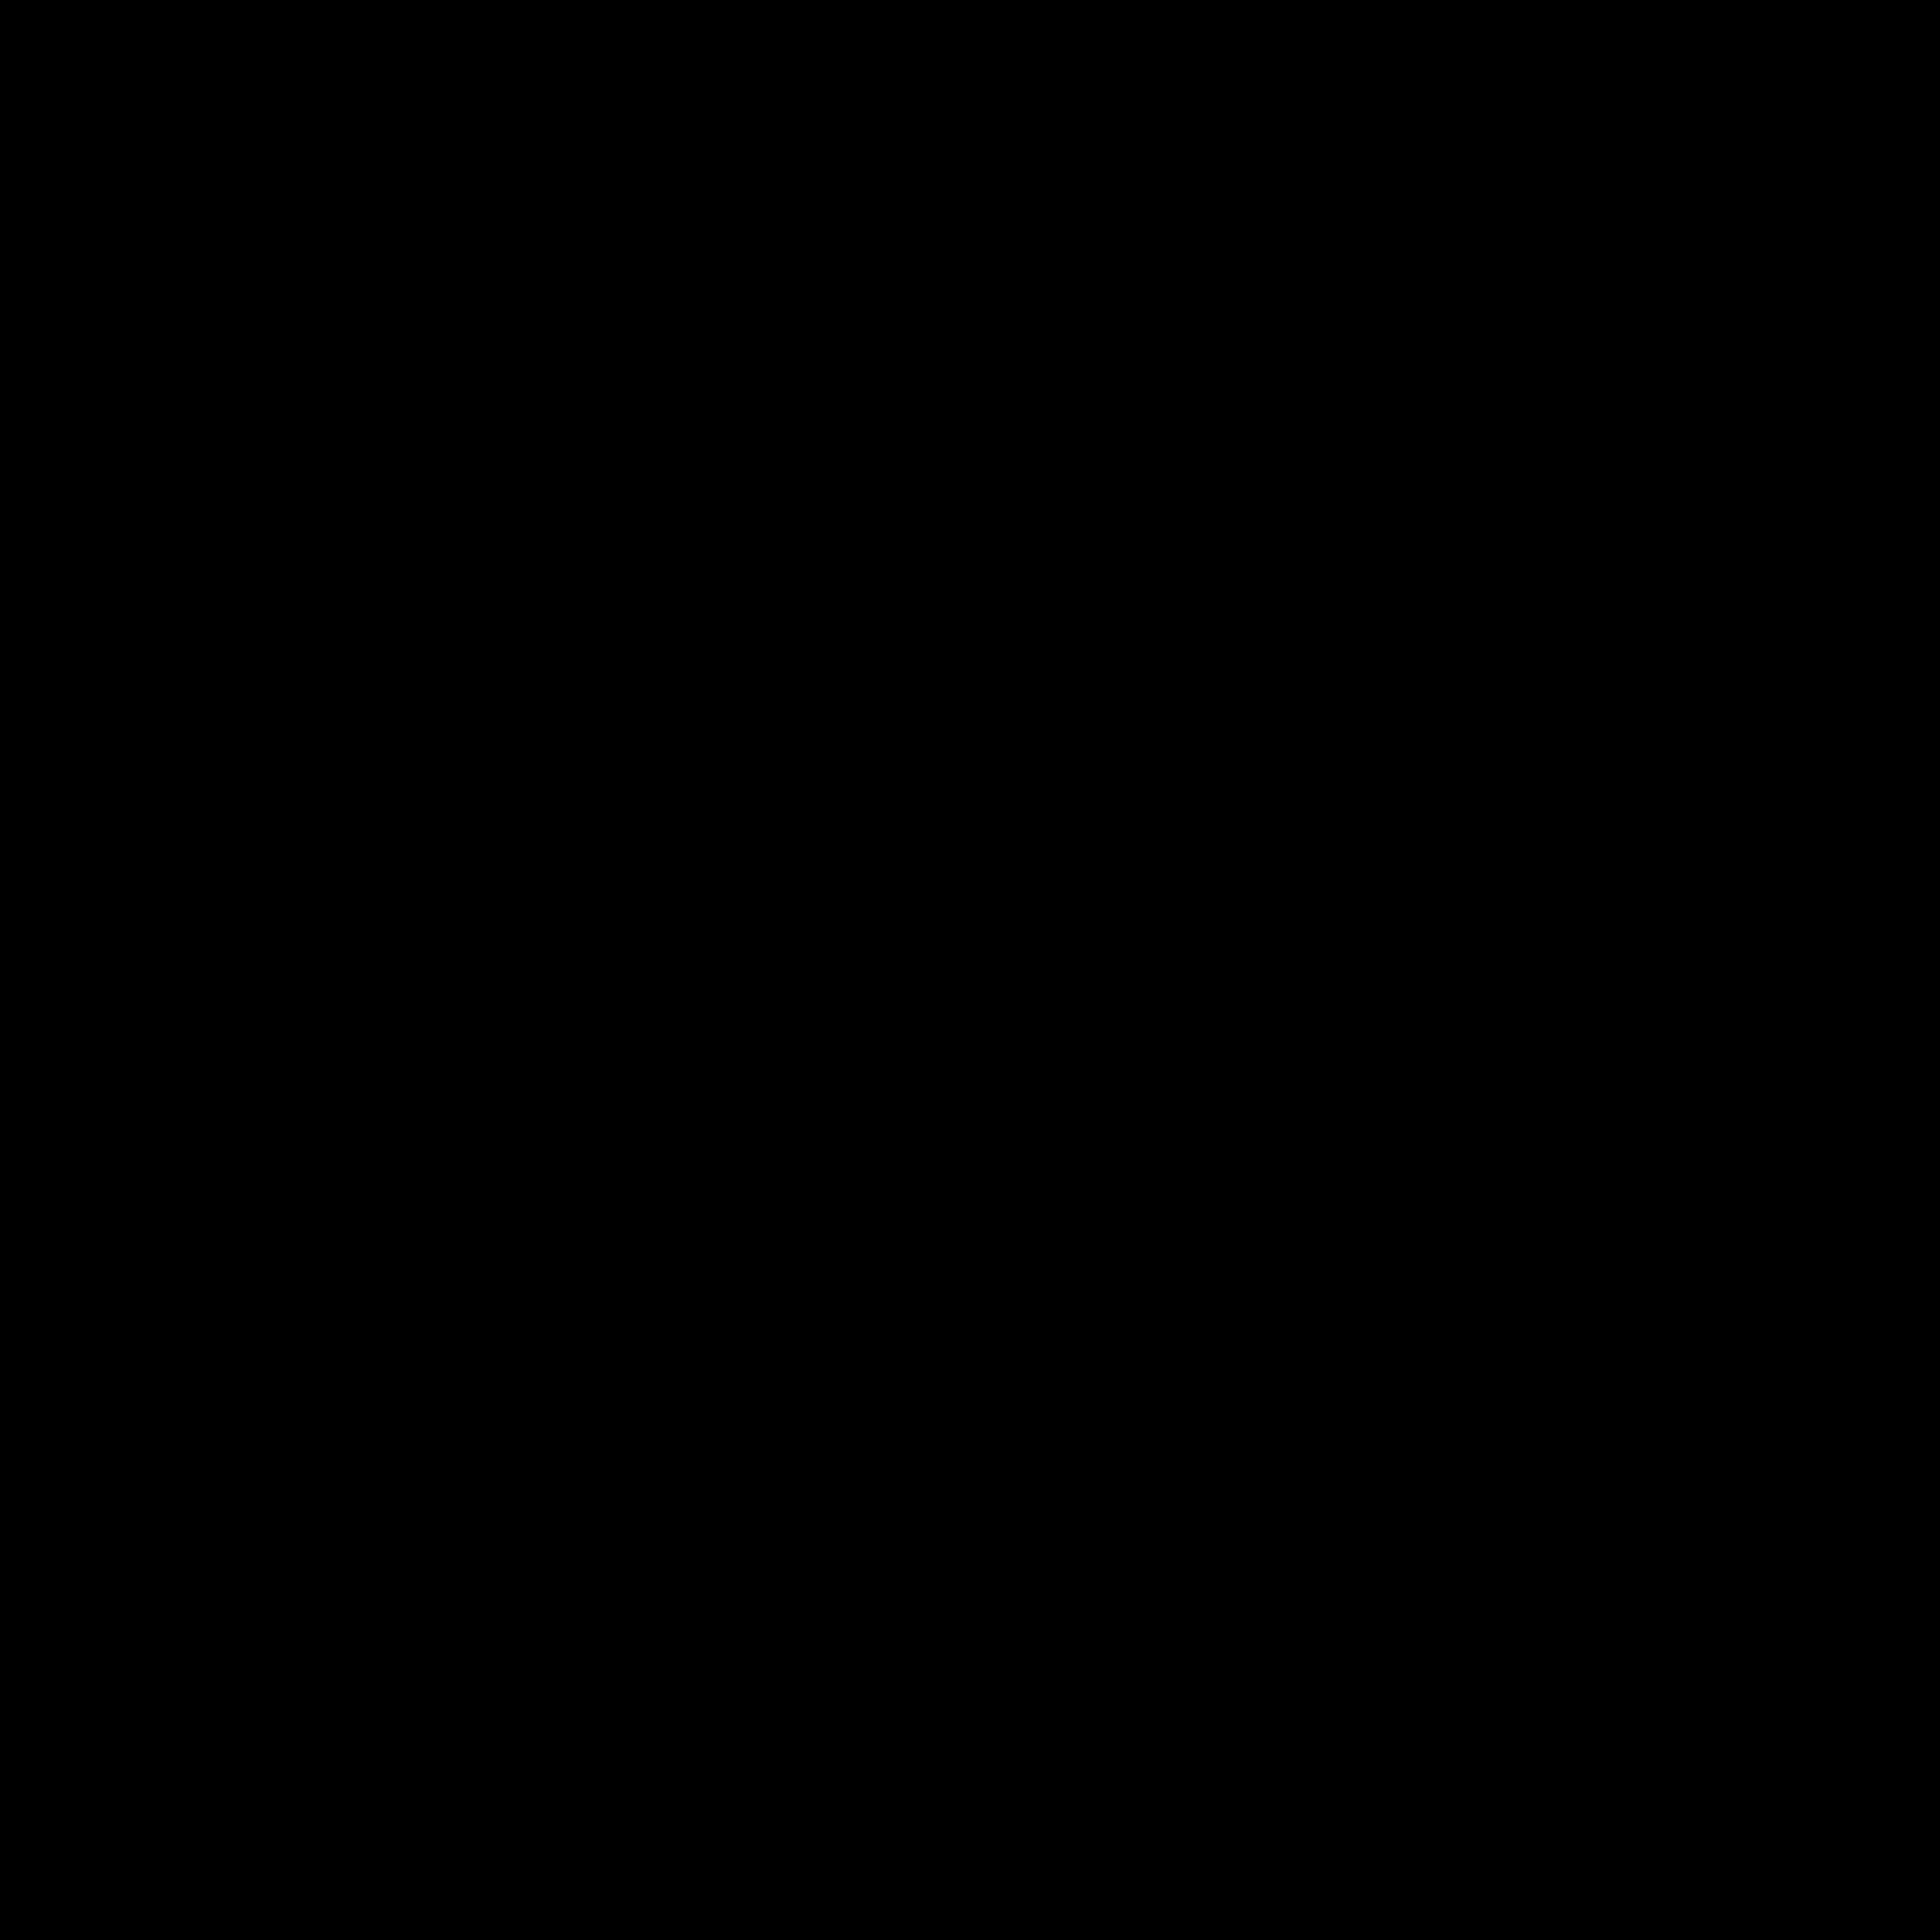 Marmi Gagliardi